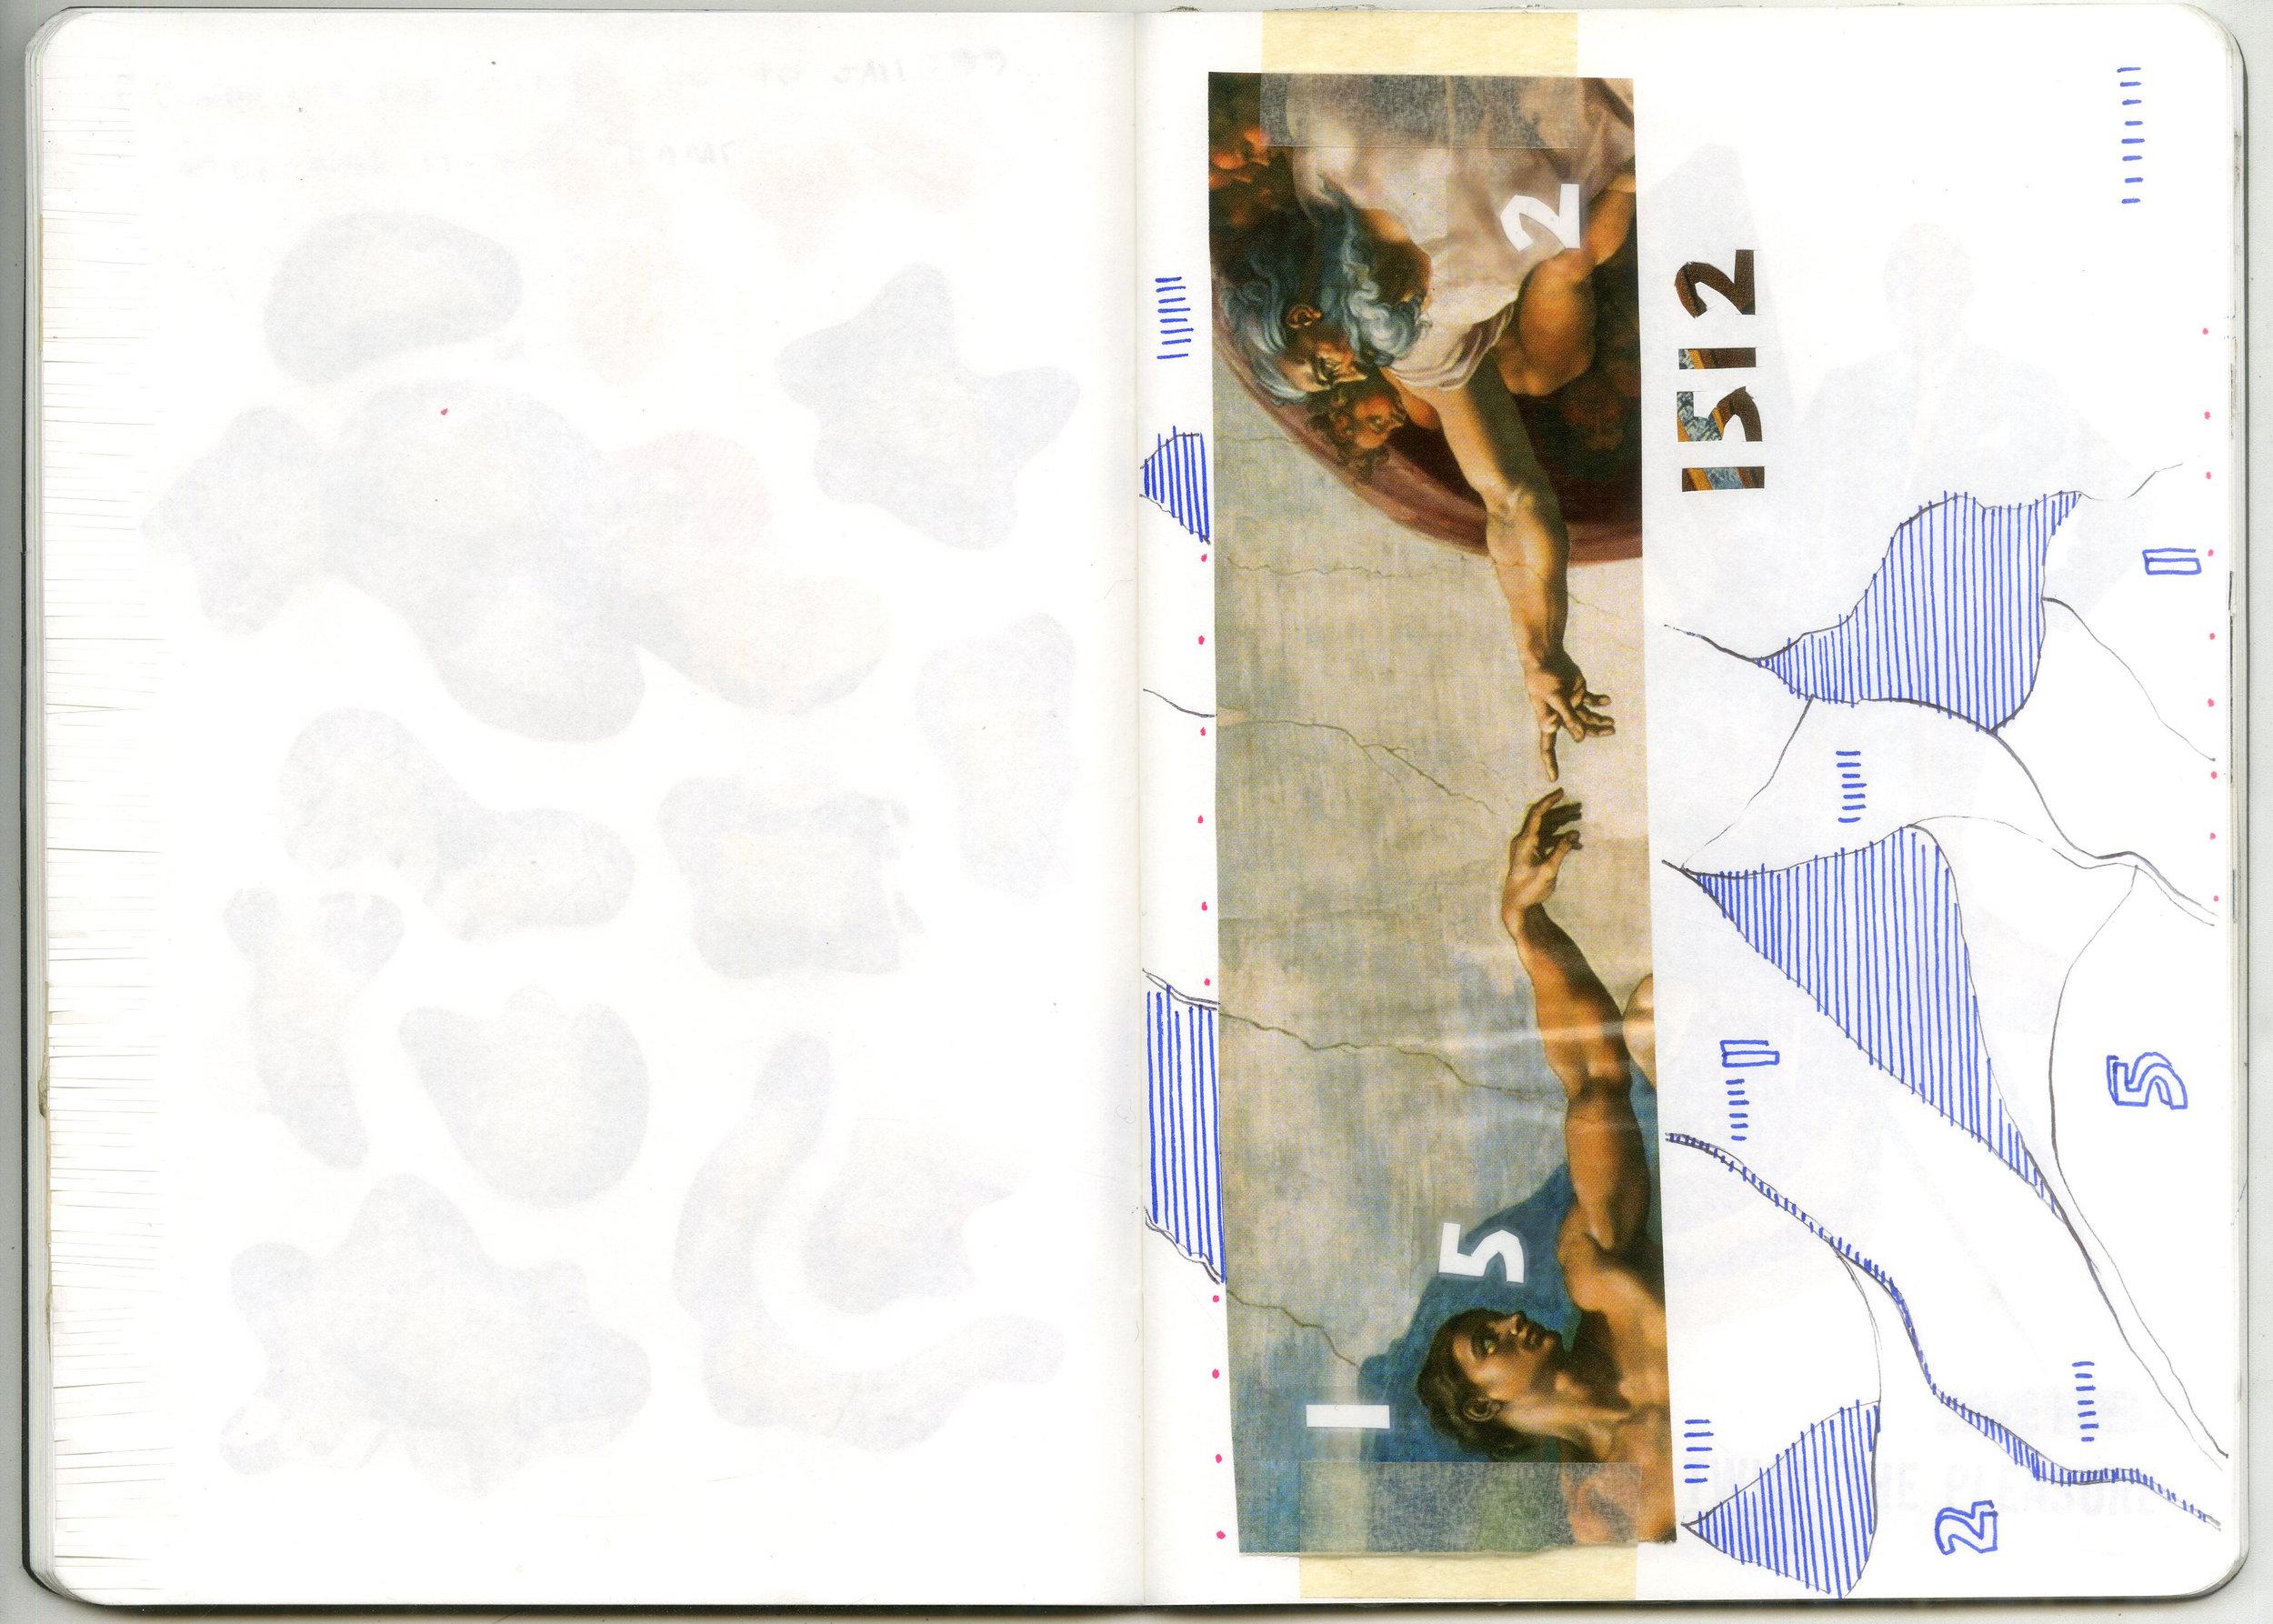 sb1-016.jpg